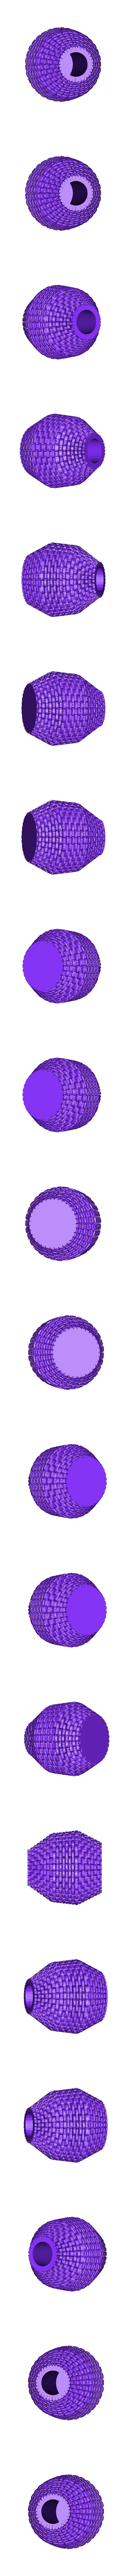 11.stl Télécharger fichier STL X86 Mini vase collection  • Objet imprimable en 3D, motek